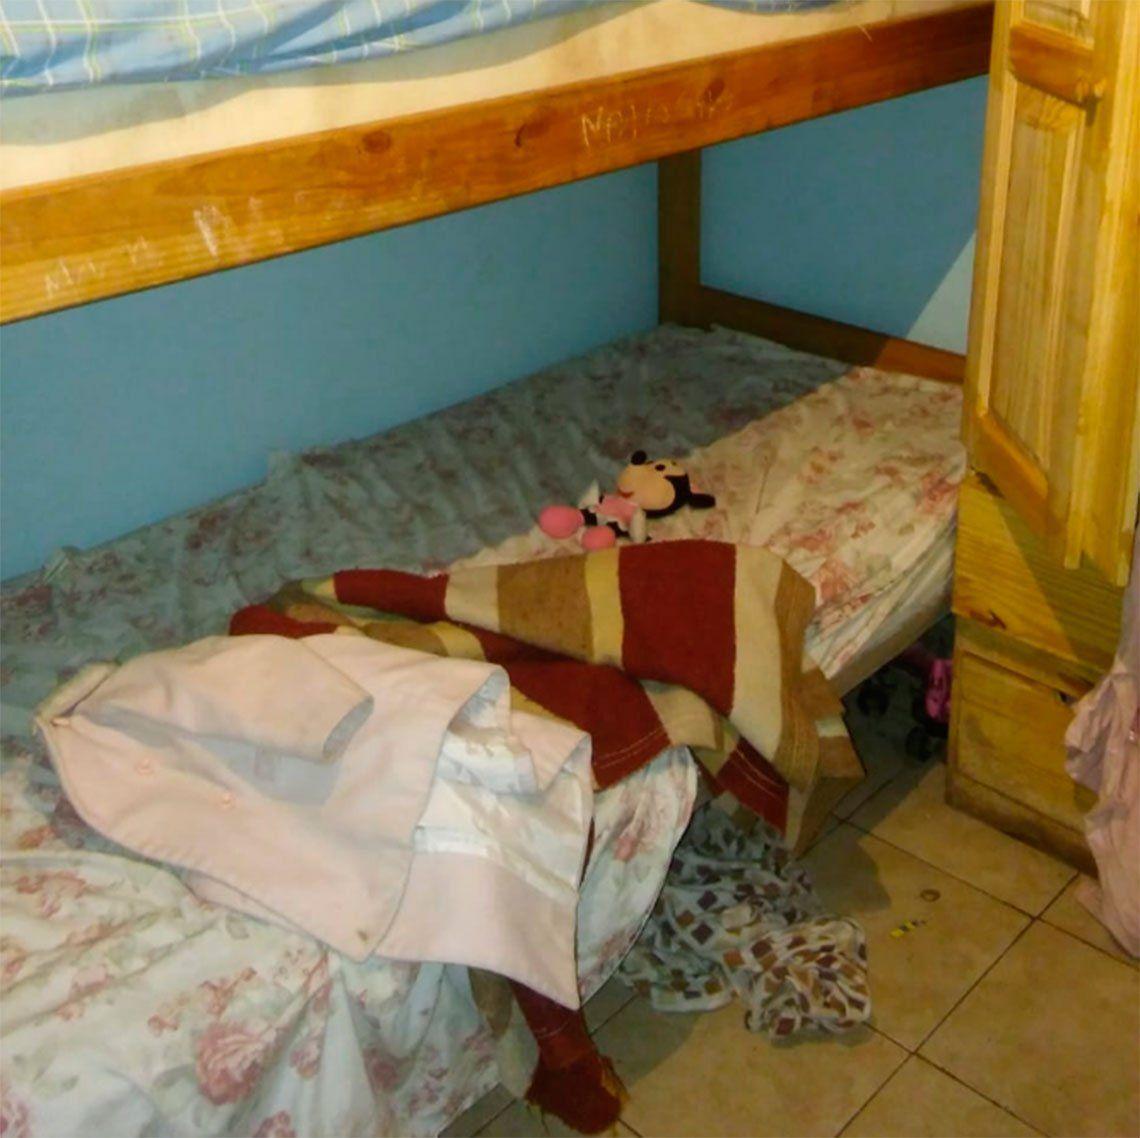 Habitación donde encontraron a Naiara